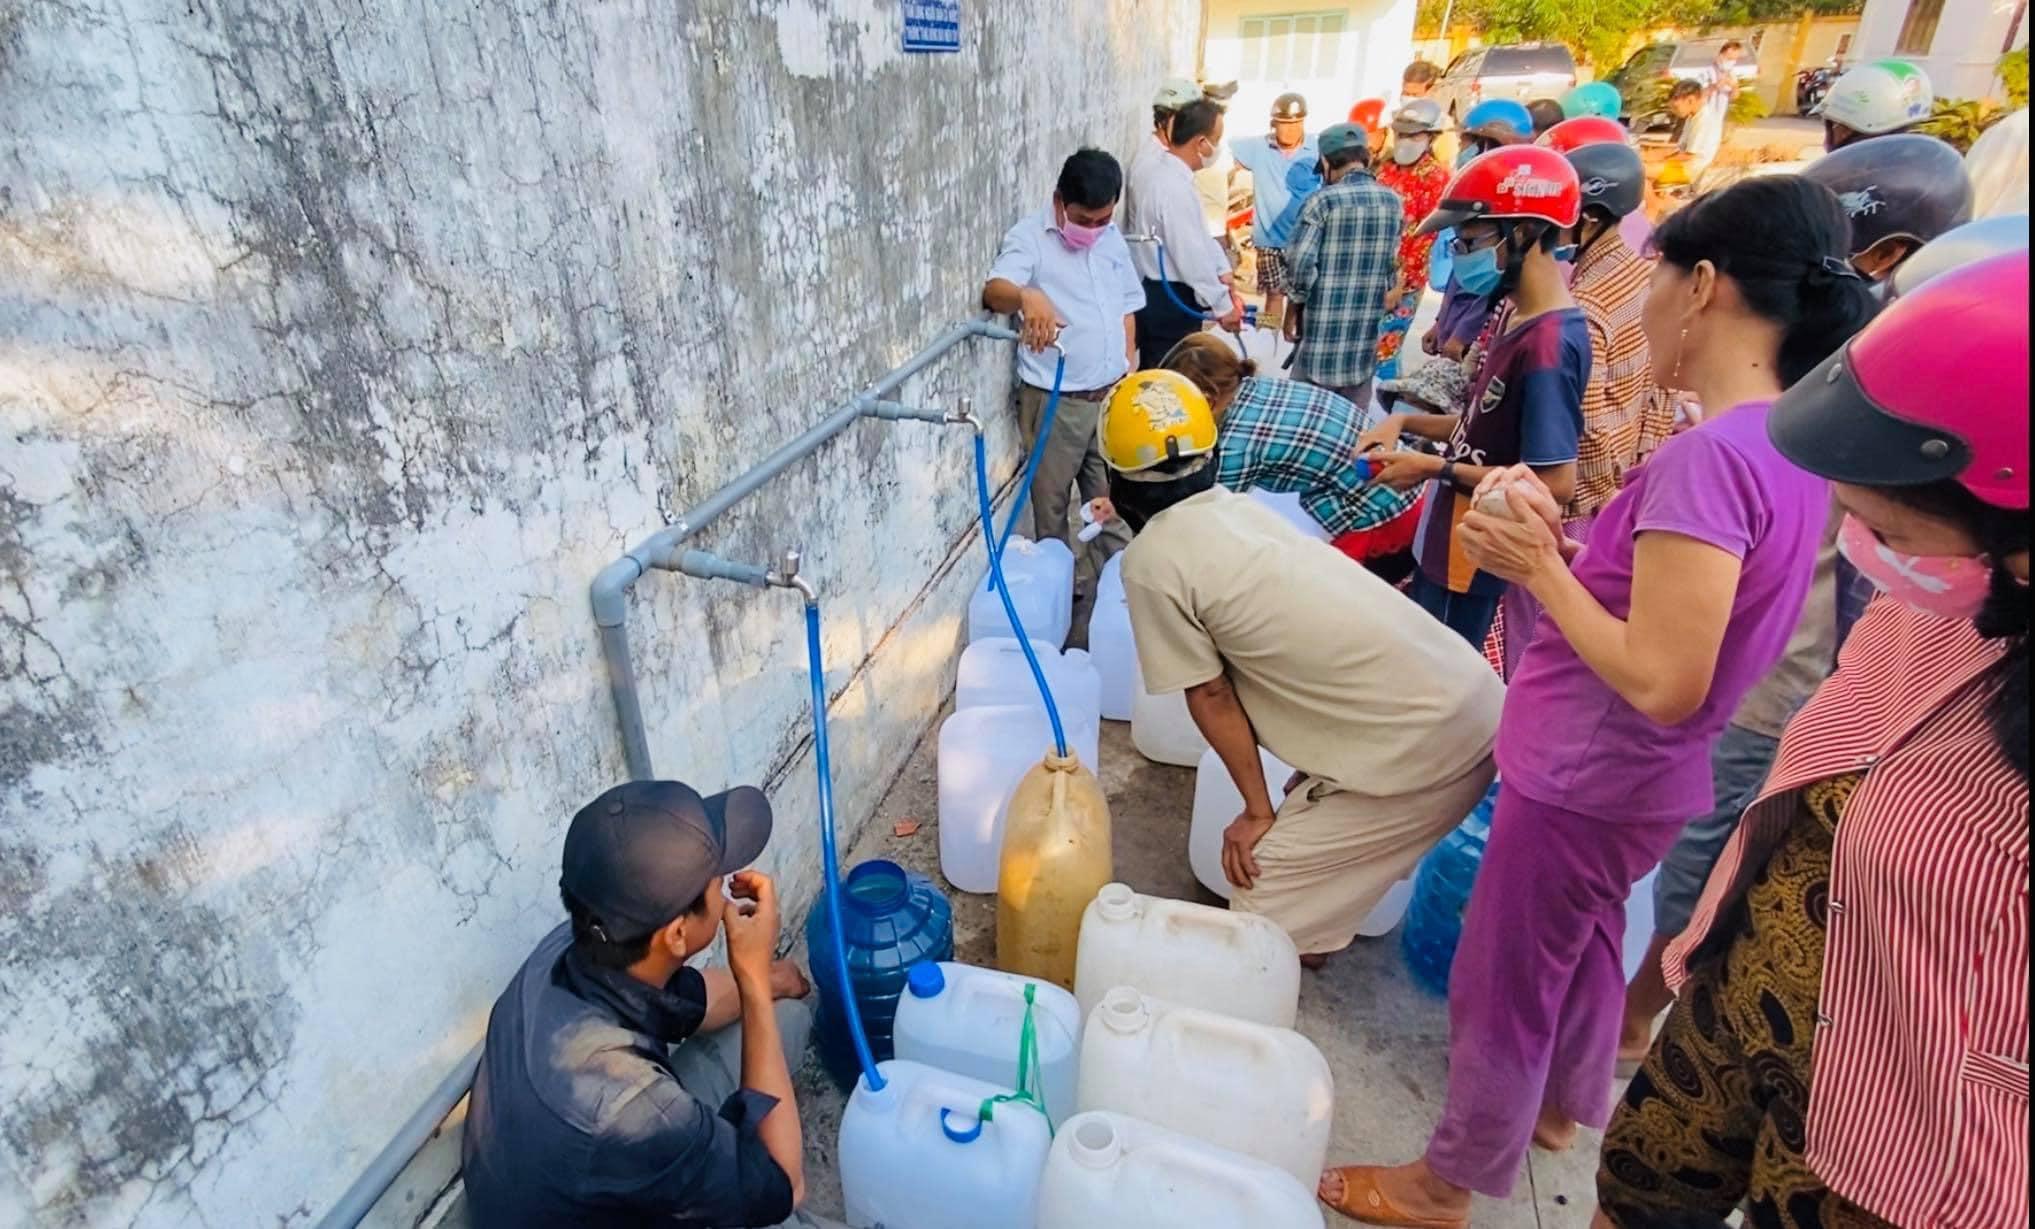 Thủy Tiên tổng kết năm 2020 biến động: quyên góp tổng cộng 194 tỷ đồng cứu trợ người dân miền Tây và miền Trung-3